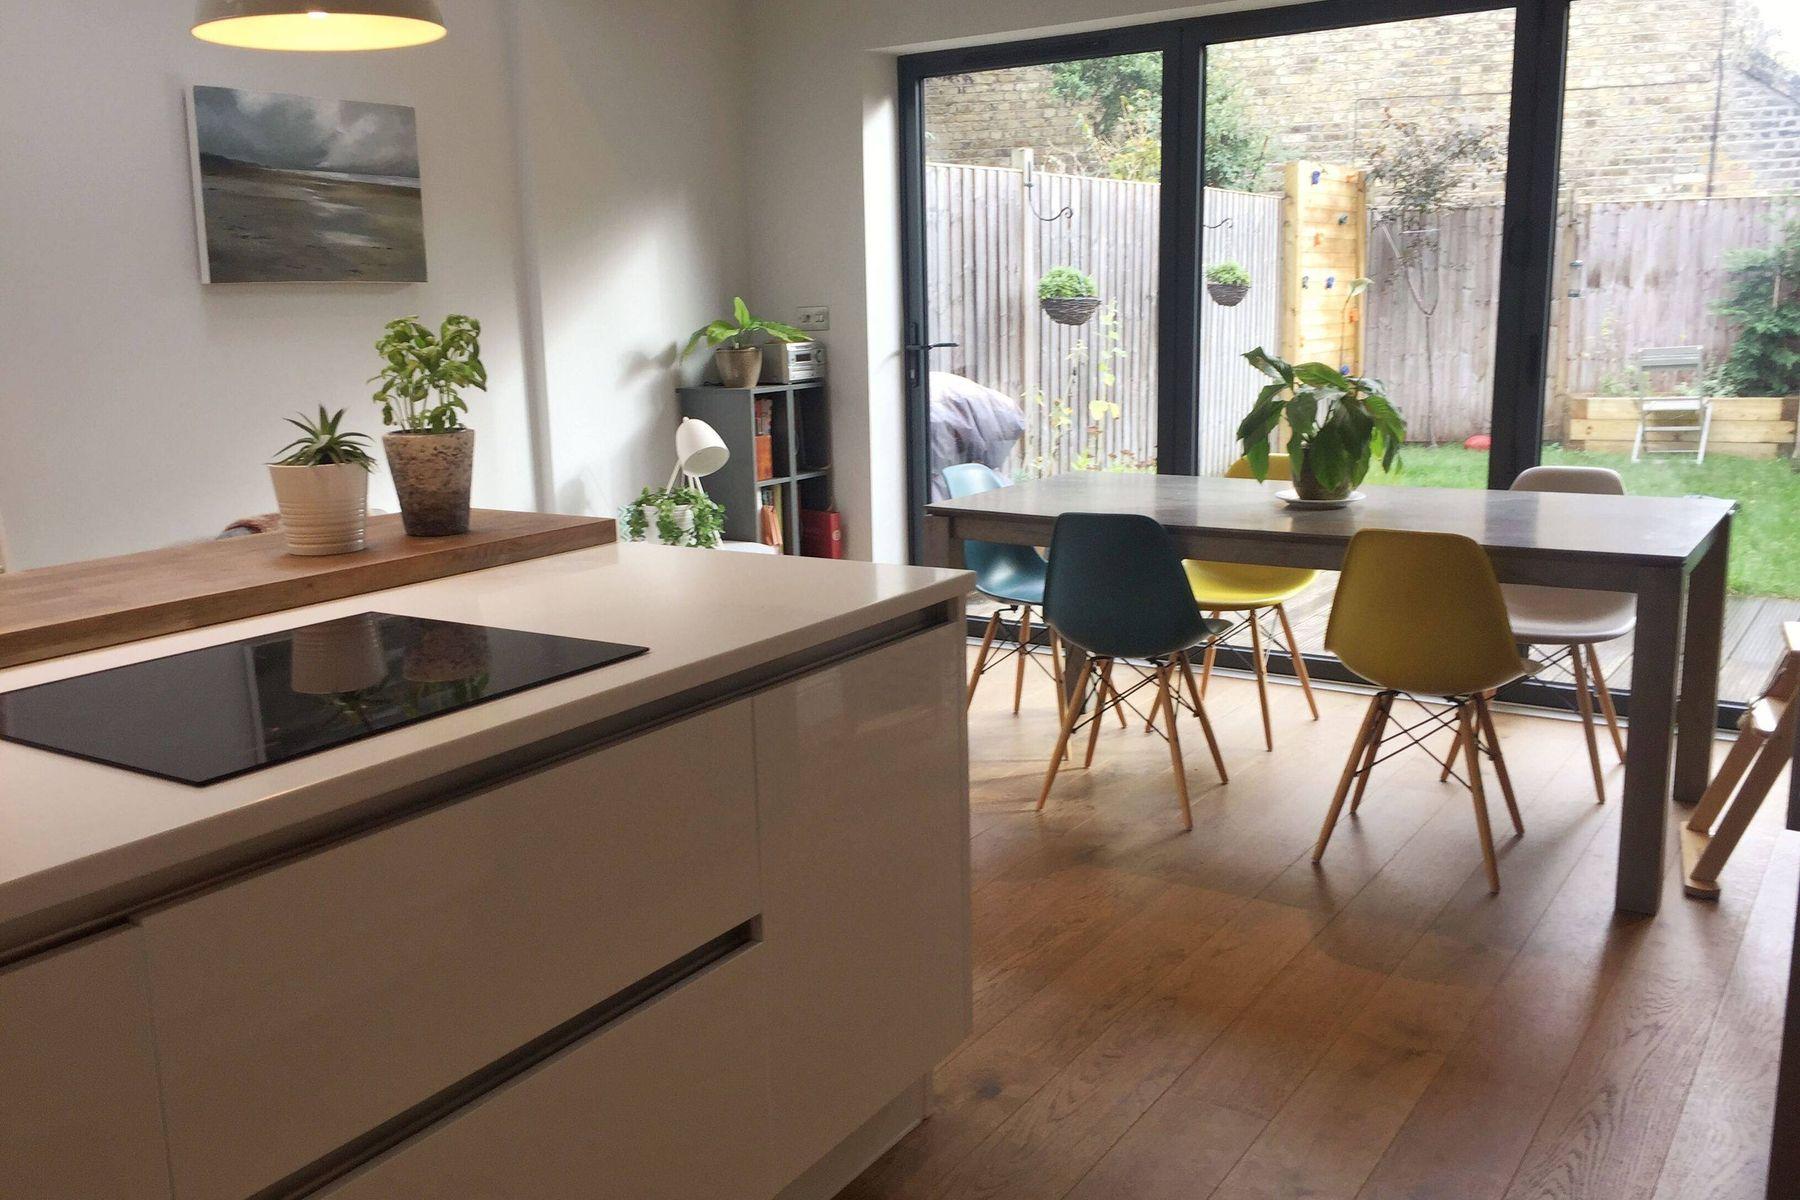 Innenraum einer Küche mit Arbeitsplatte, Stühlen und Tisch